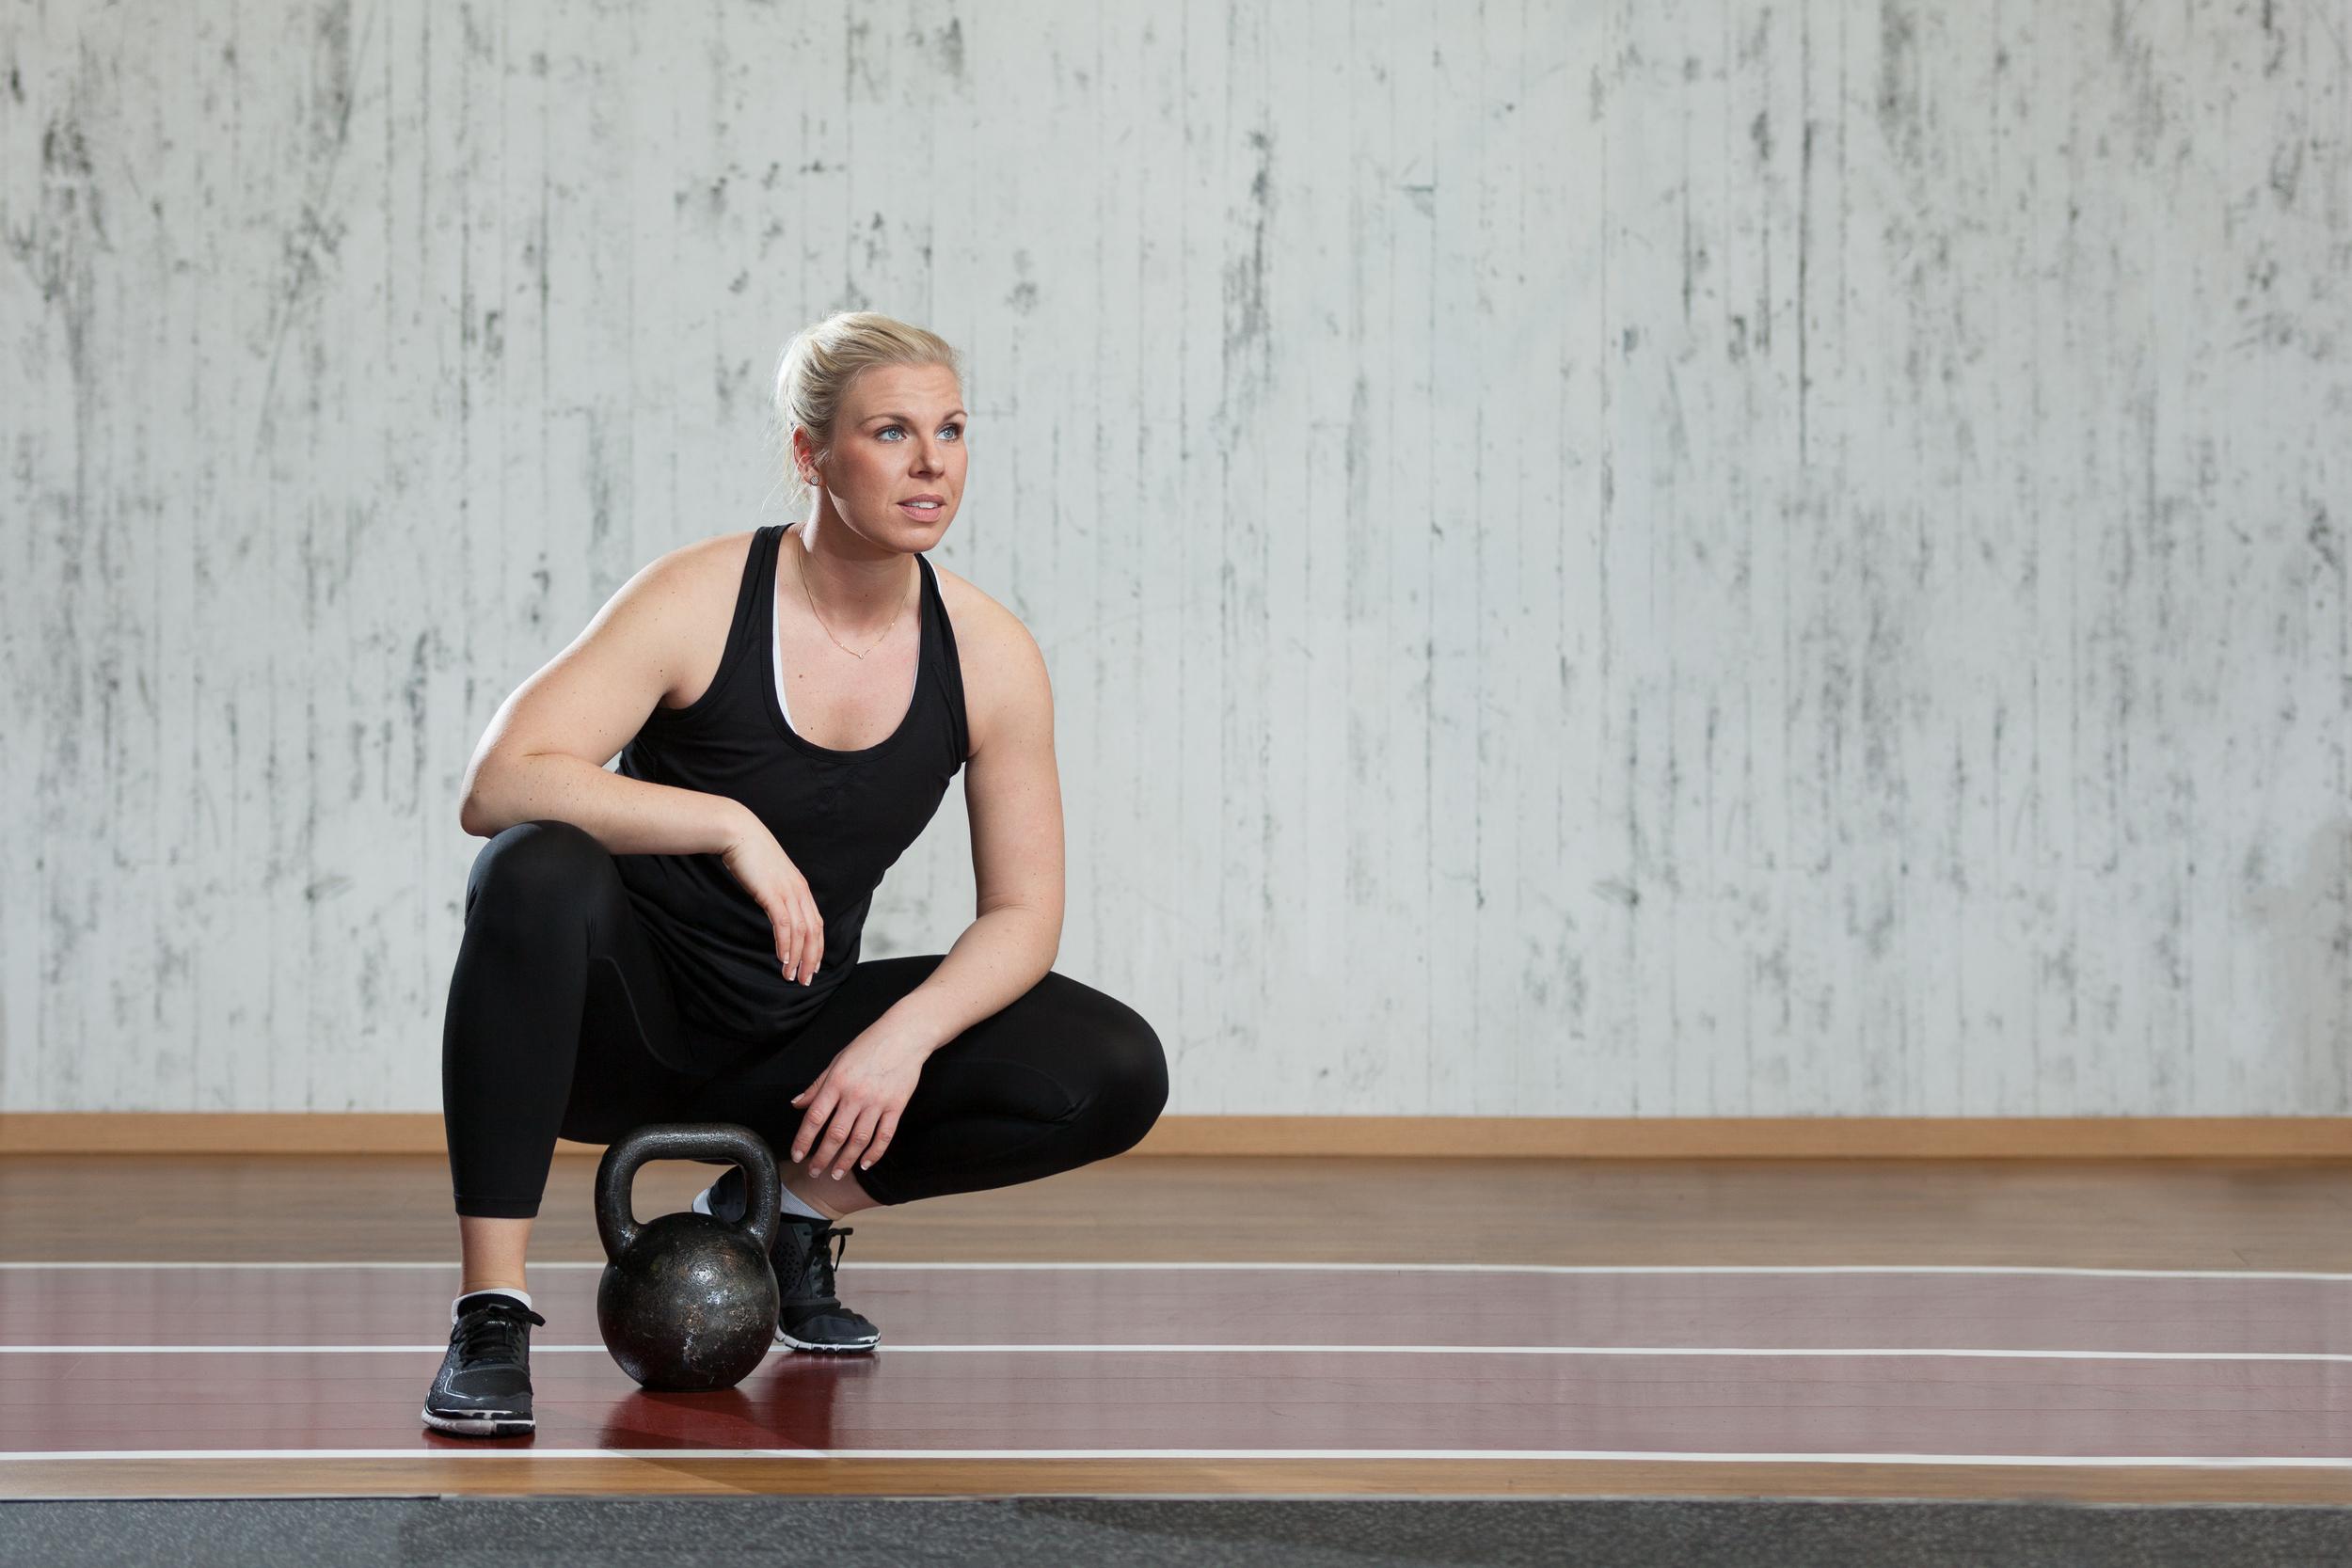 bild 1. Johanna i gym-boxen med en kettlebel